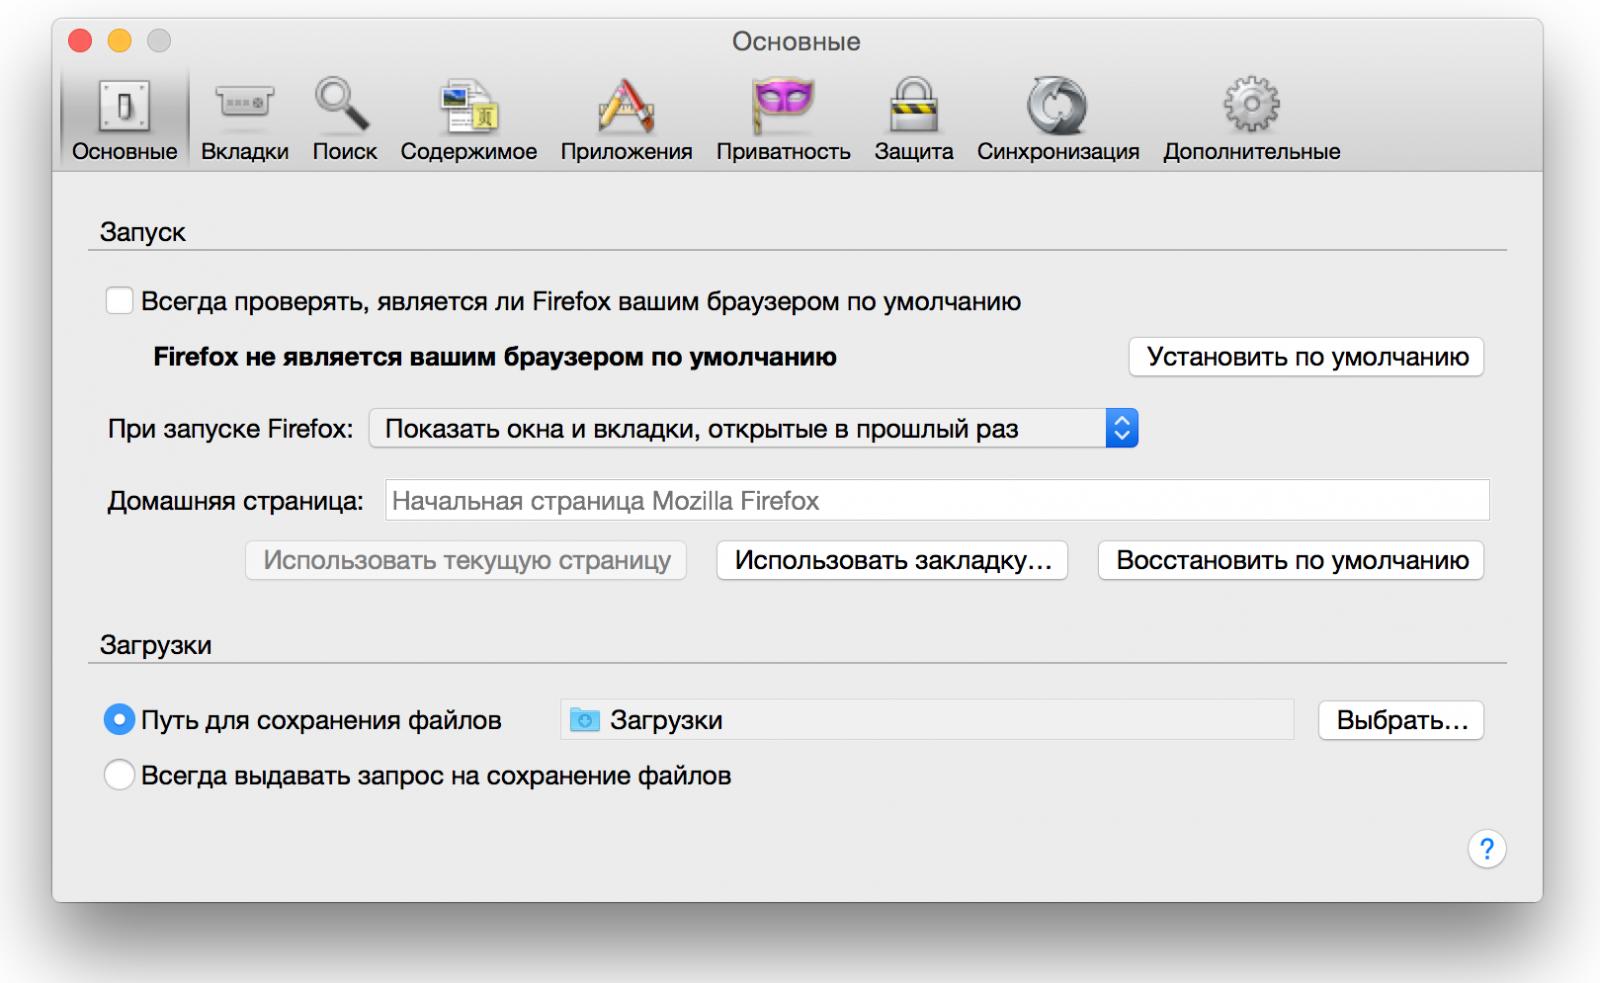 Как сделать удобной работу с большим количеством вкладок в браузере - КОЧЕГАРКА